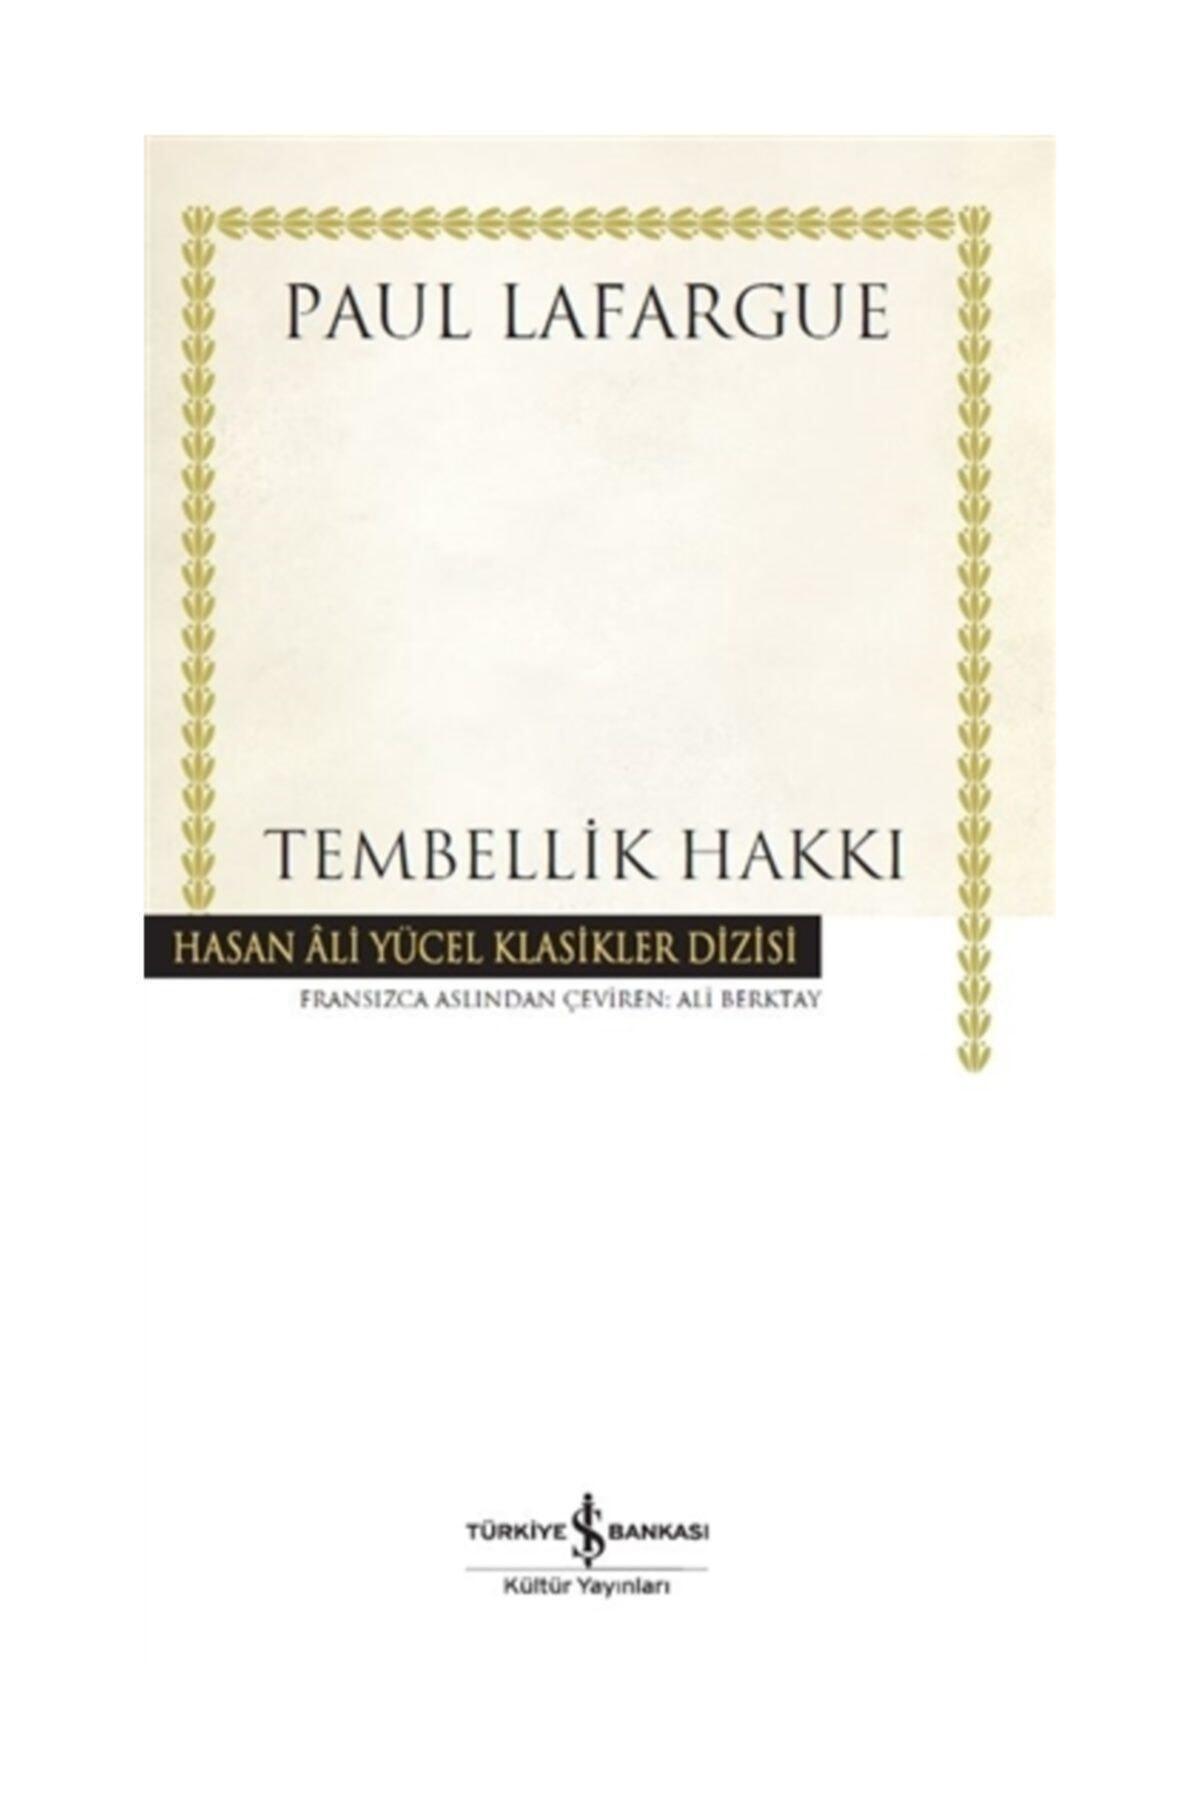 TÜRKİYE İŞ BANKASI KÜLTÜR YAYINLARI Tembellik Hakkı - Paul Lafargue 1